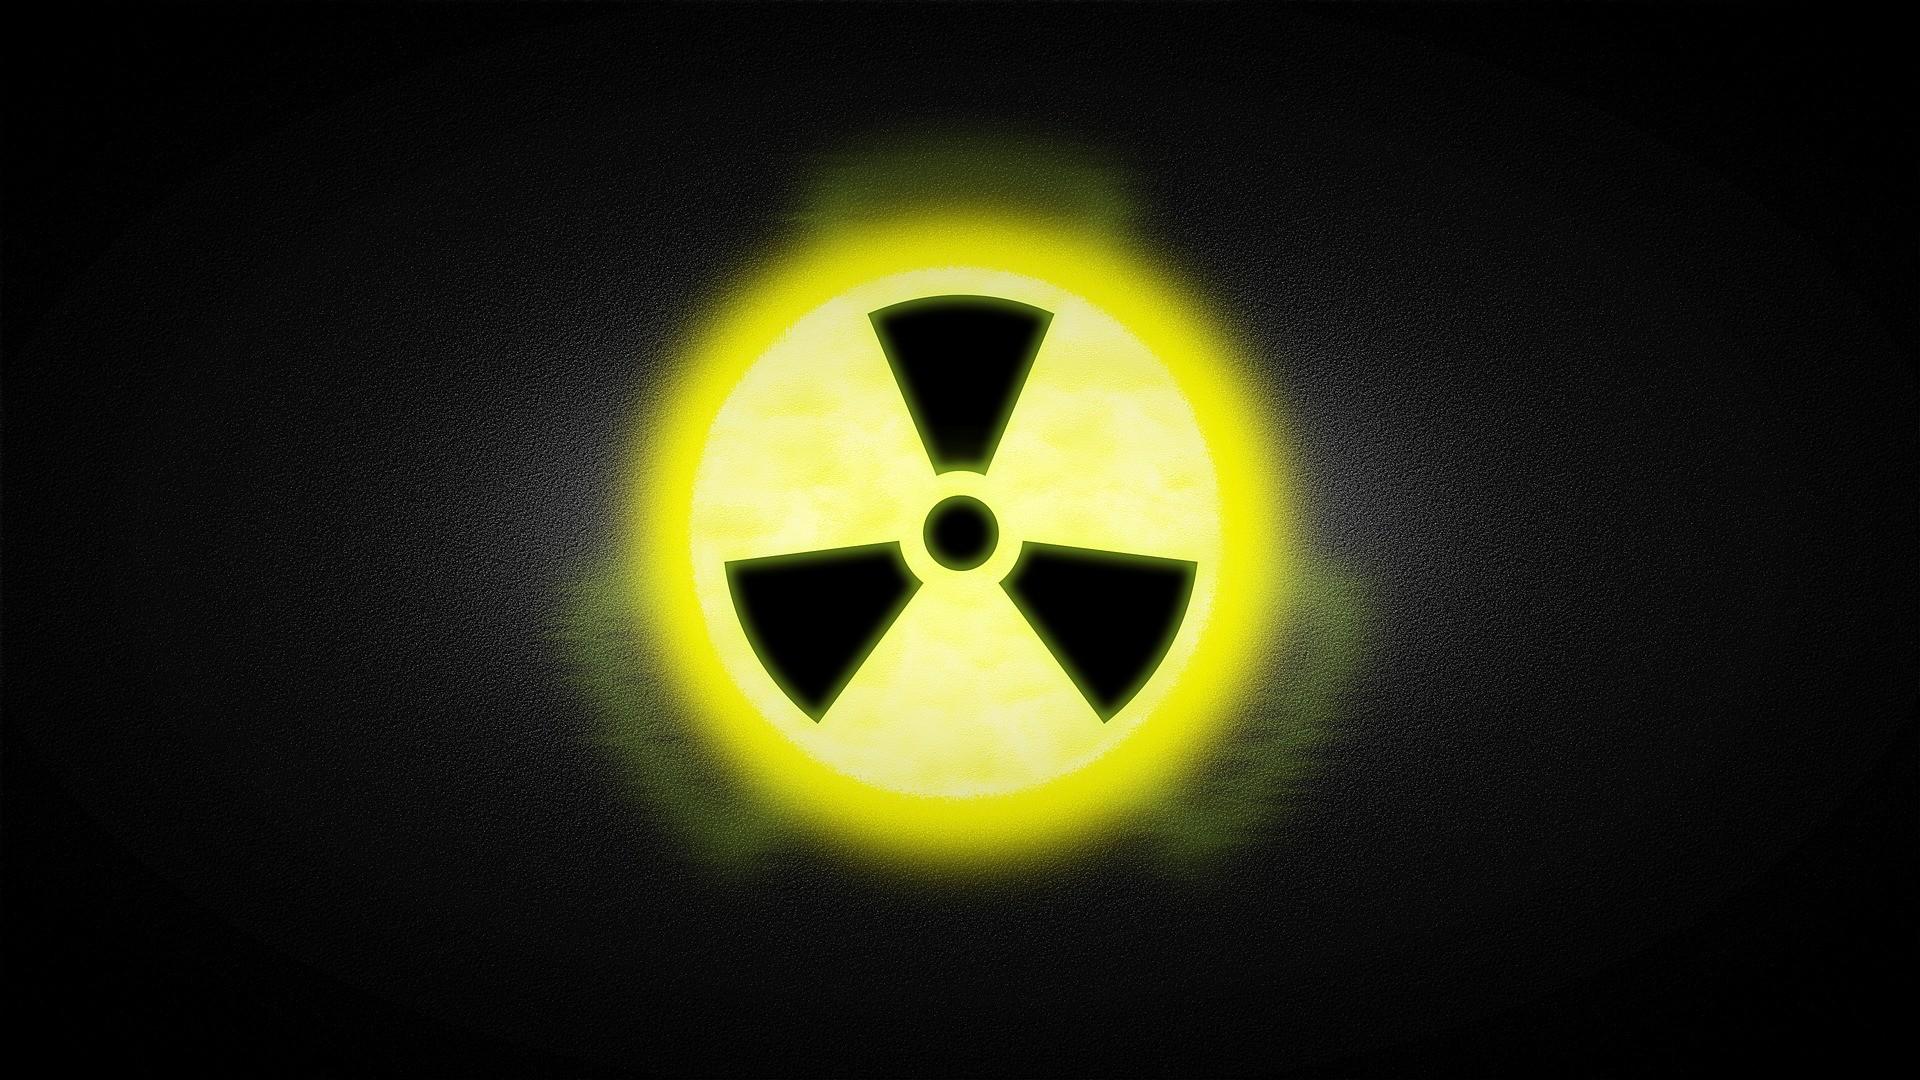 Участники международной конференции обсудят в Астане роль ядерного разоружения в построении мира